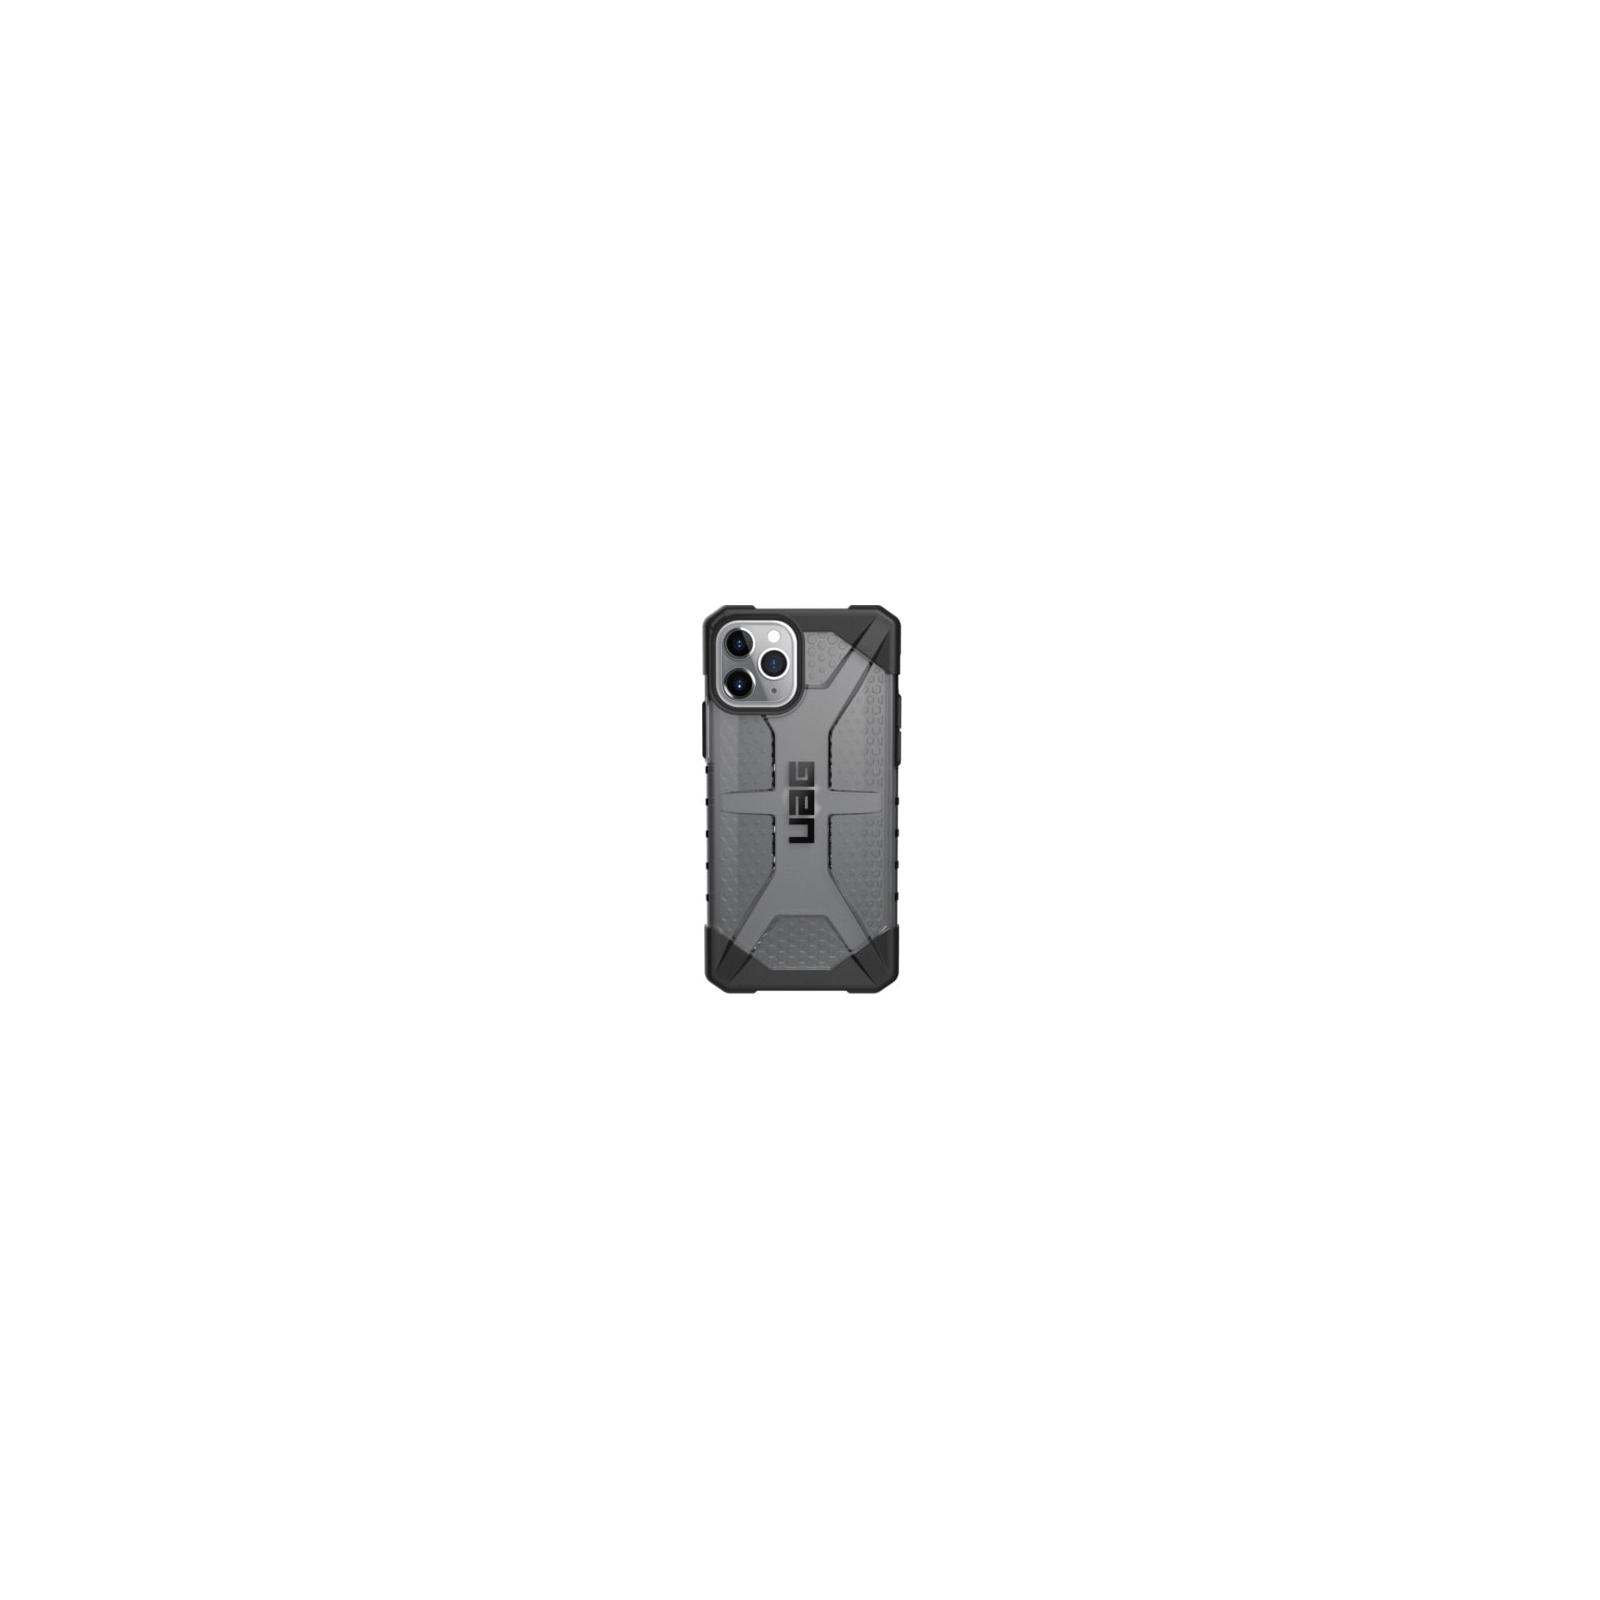 Чехол для моб. телефона Uag iPhone 11 Pro Plasma, Ash (111703113131)